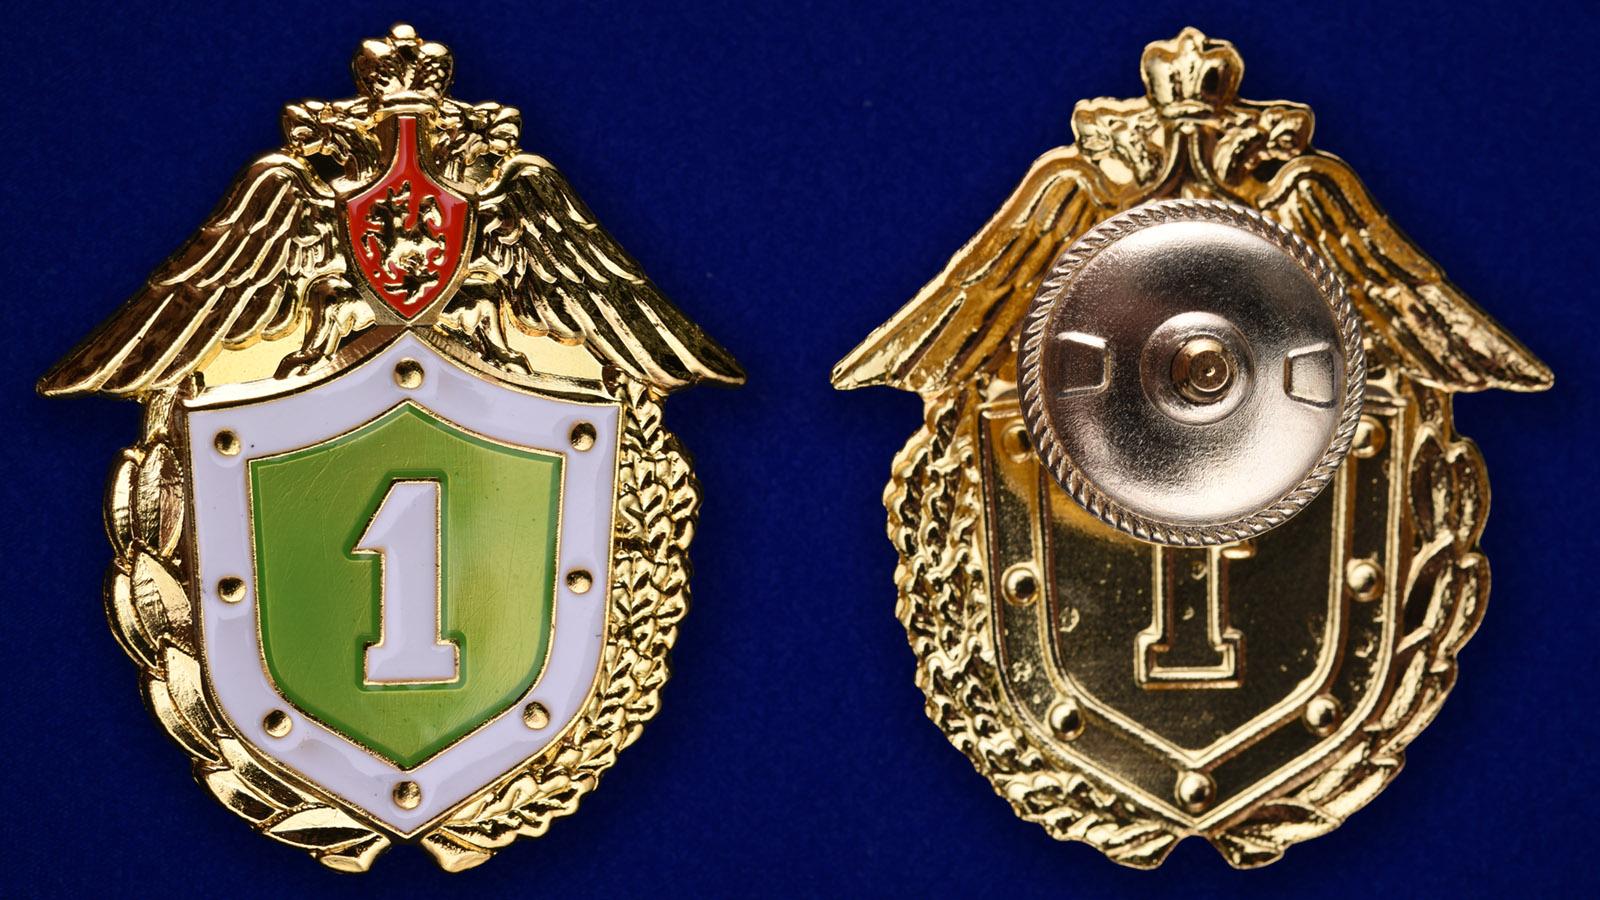 Знак ФПС РФ «Классный специалист» 1 класс аверс и реверс